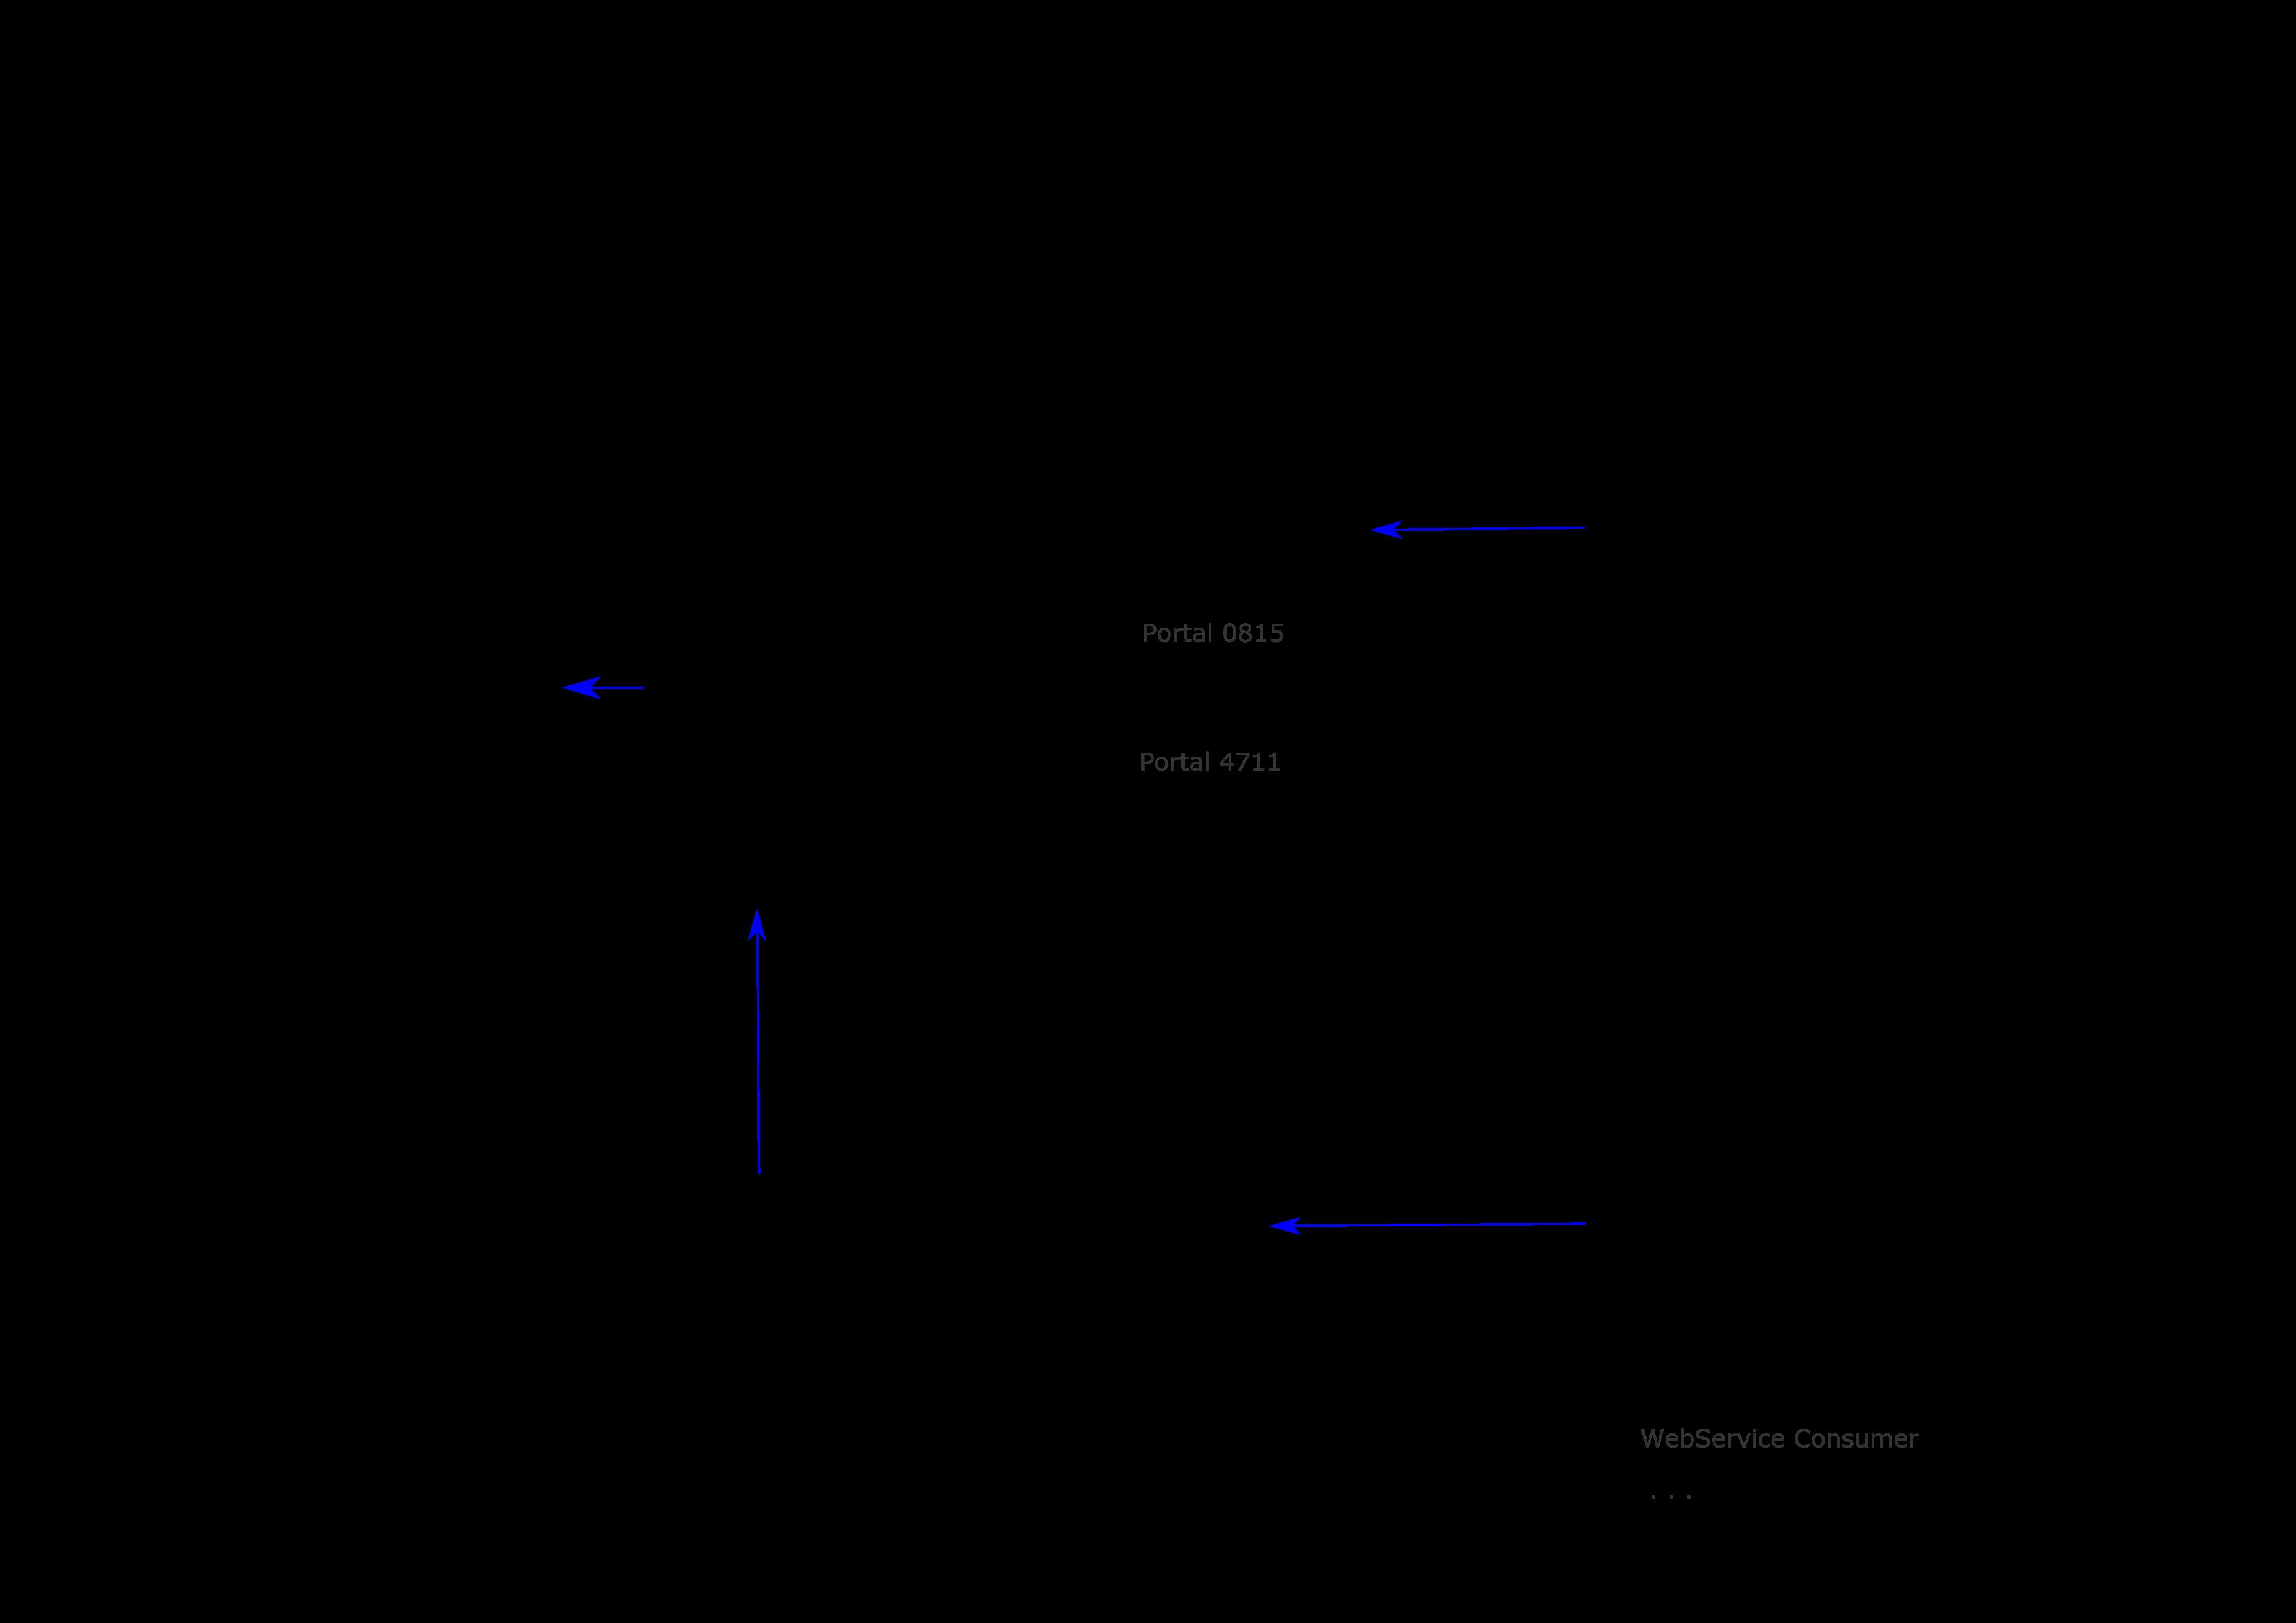 Was Sie schon immer über Intrexxwissen wollten aber nie zu fragen wagten. Wie ist die Architektur von Intrexx? Anbei in einer Übersicht zusammengefasst.  Die Software Architektur von Intrexx kan man in zwei Komponenten unterteilen, die Serverseite und die Clientseite. Serverseitig haben wir den Portal Server und clientseitig den Portalmanager, der auch manchmal client genannt wurde. #digitalWorkplace